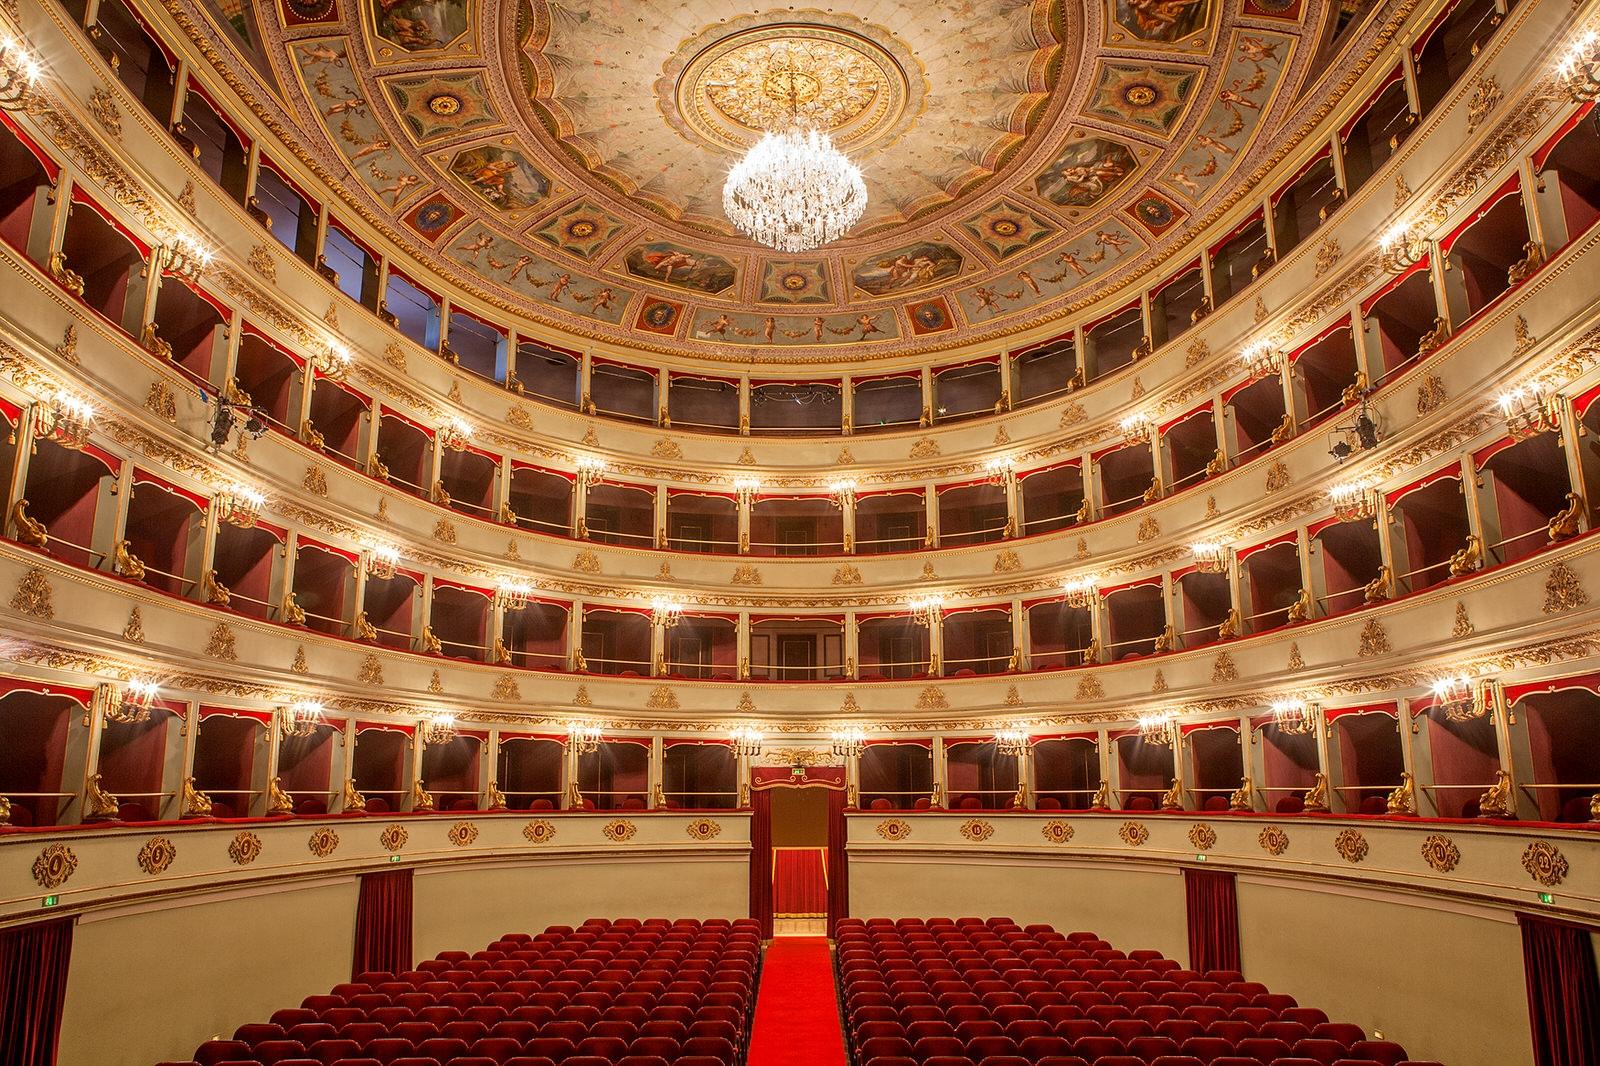 Credito_Fotografico_Rosalia_Filippetti_Teatro_Pergolesi_Jesi_2